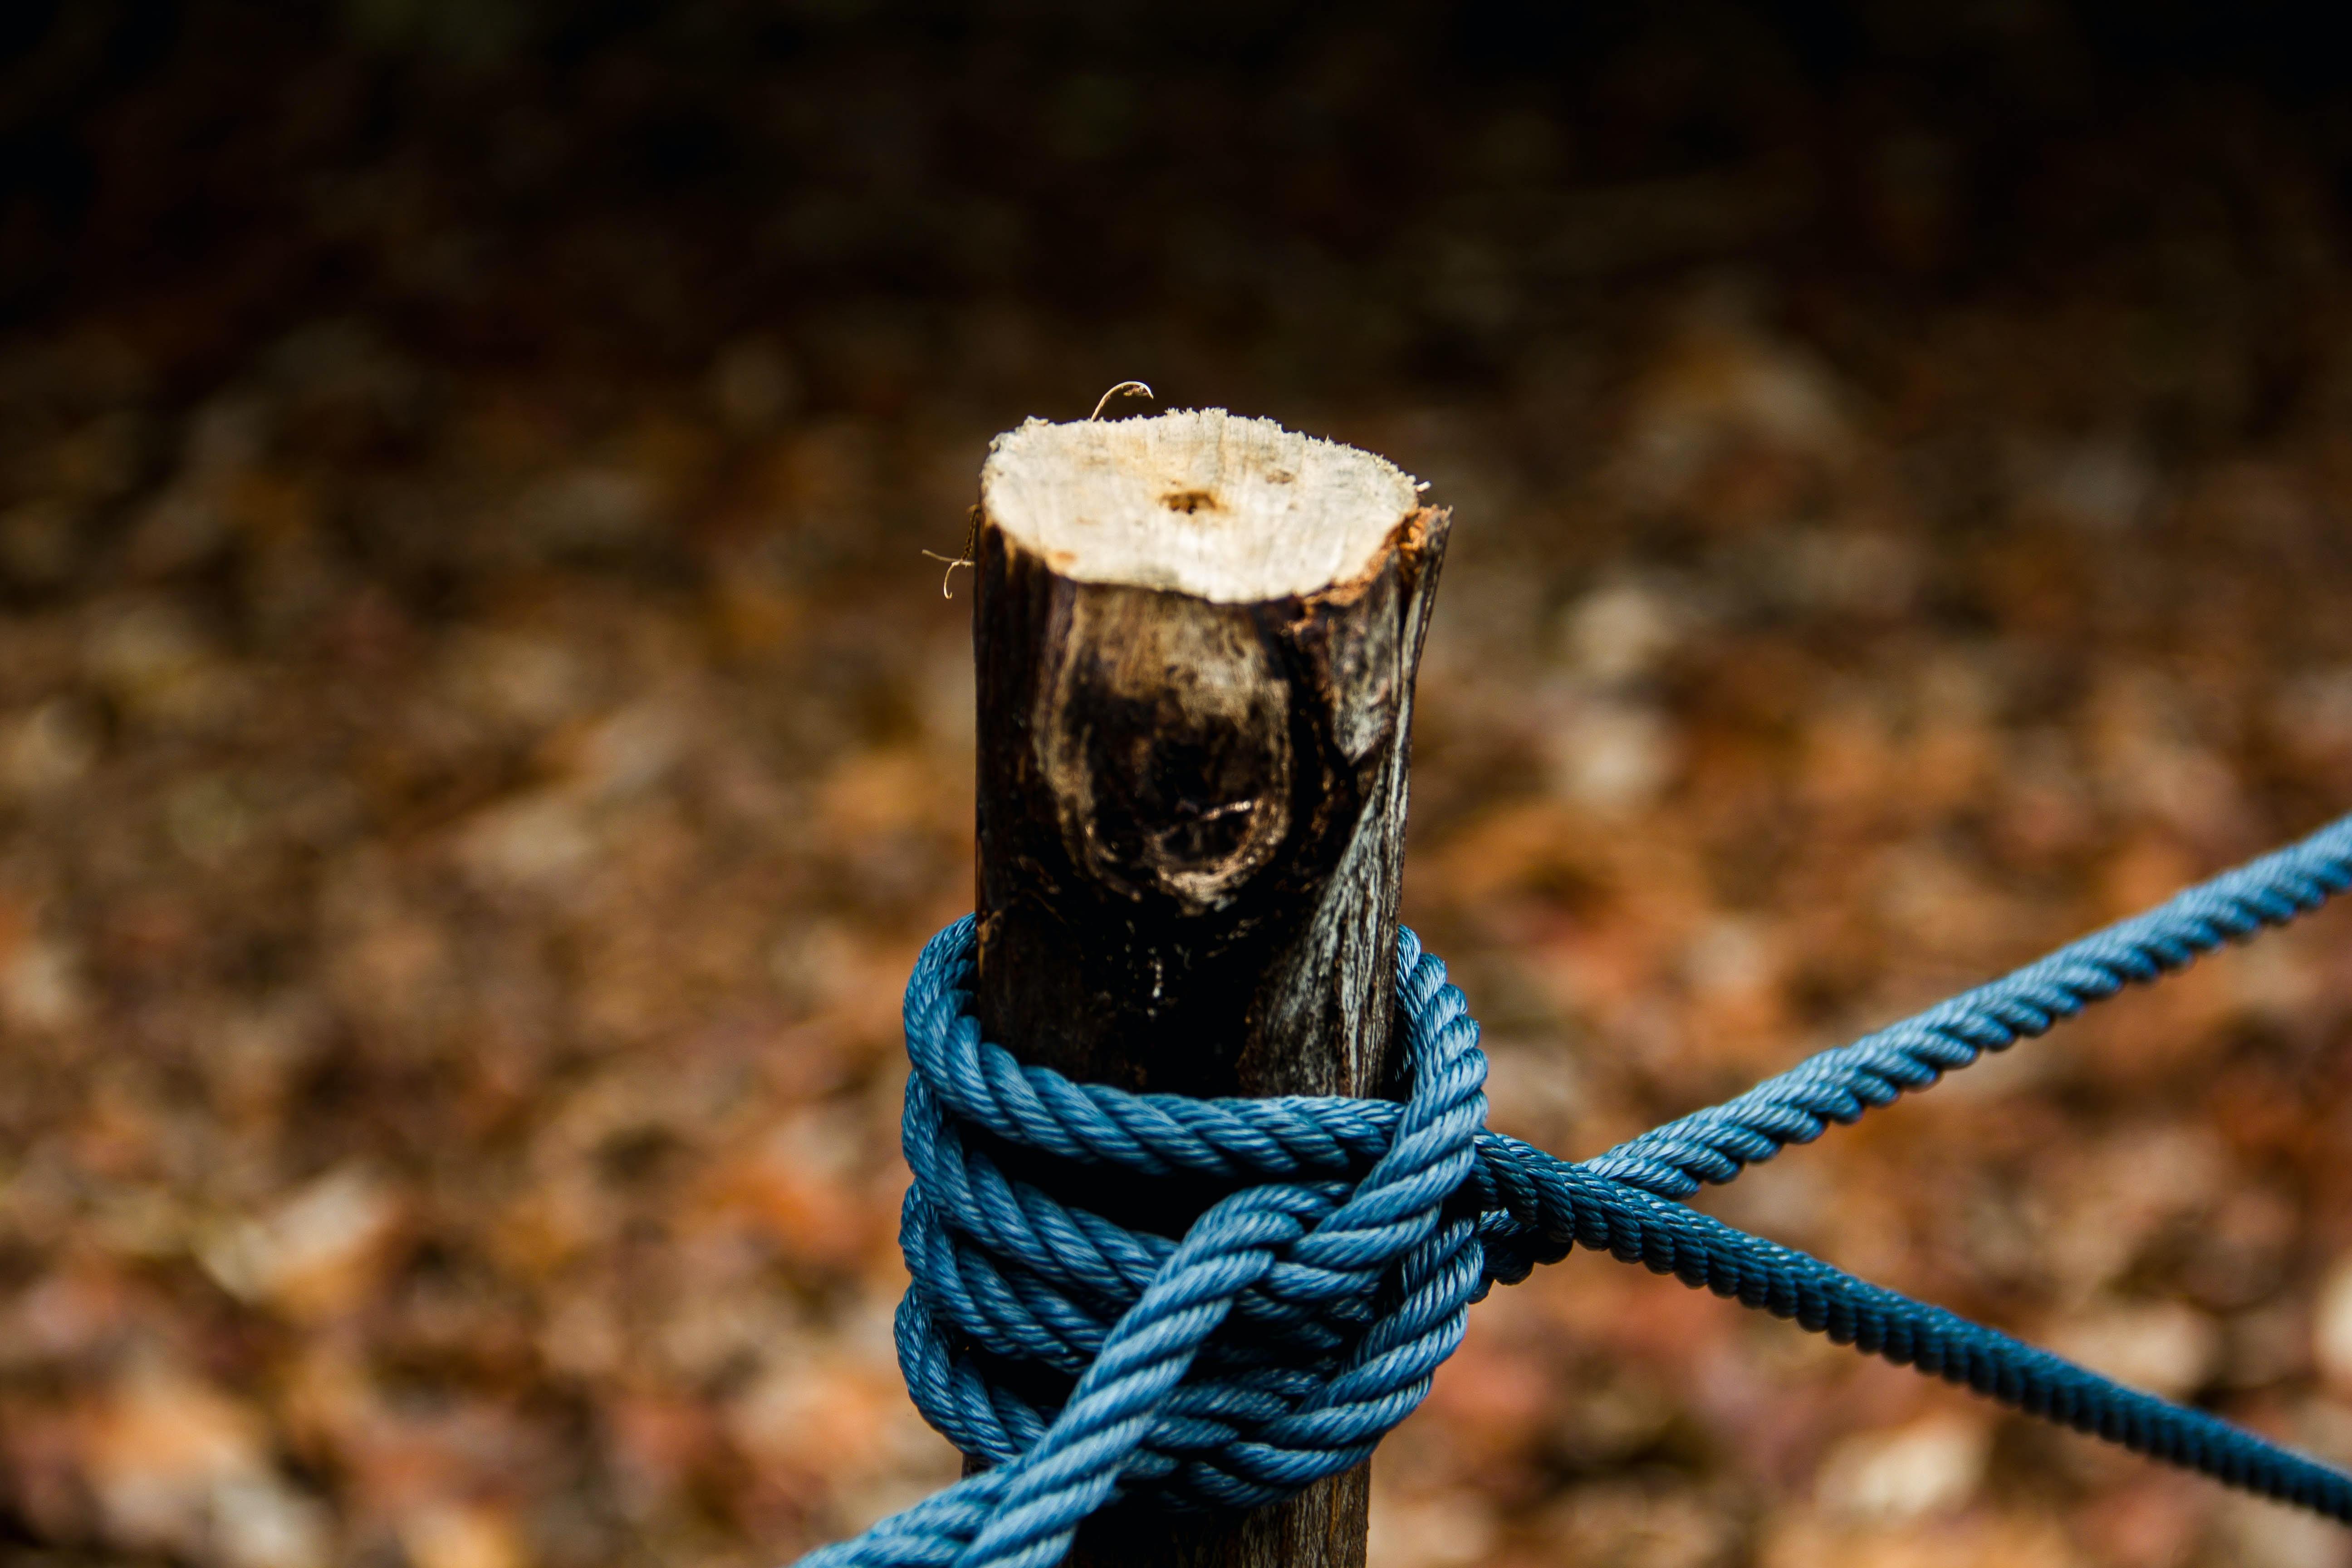 brown rope tie on wood log